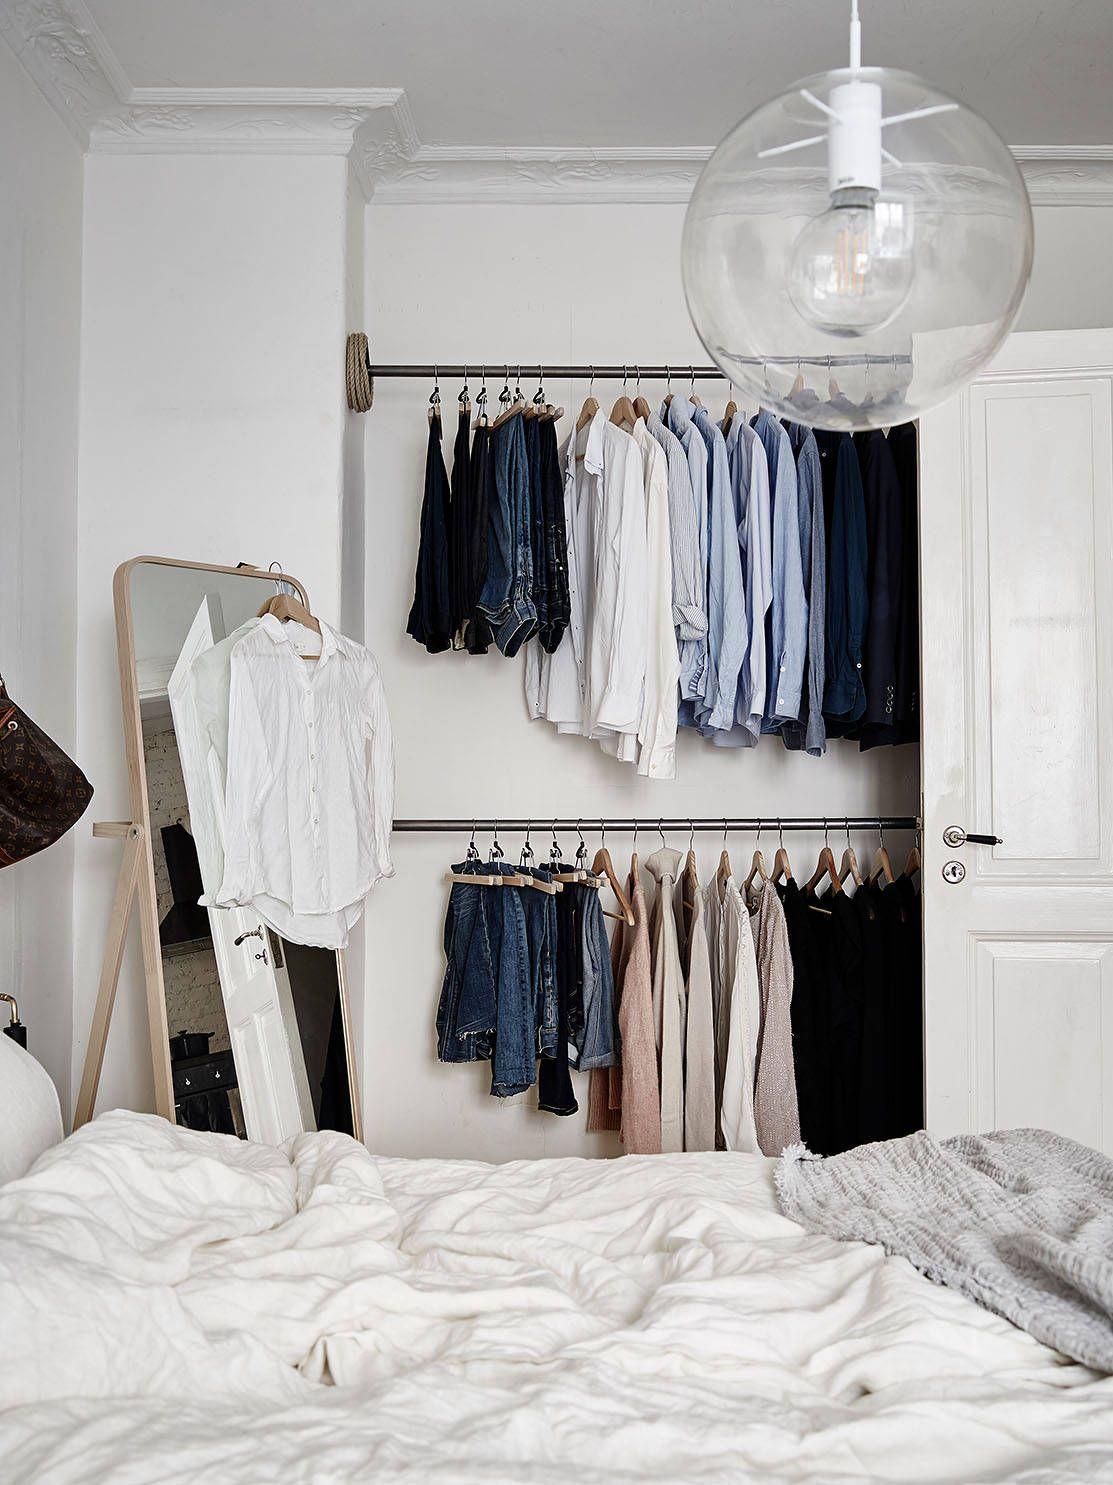 une penderie ouverte dans une chambre immacul e un. Black Bedroom Furniture Sets. Home Design Ideas